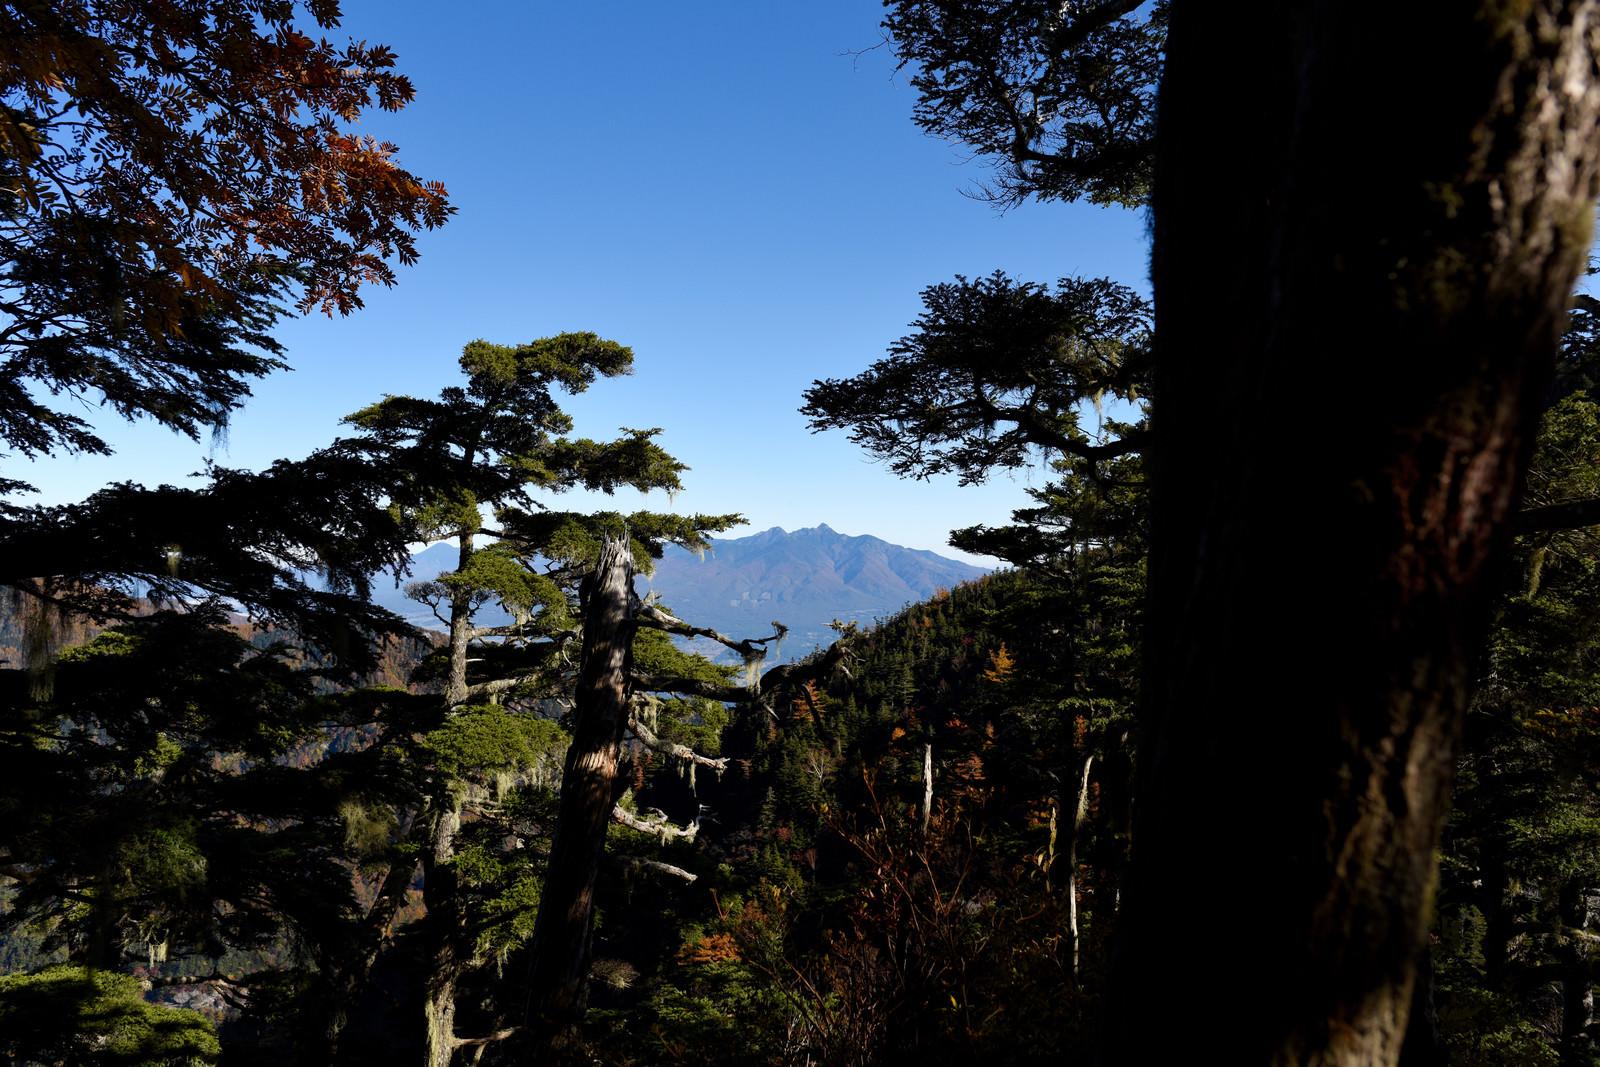 「黒戸尾根から見る八ヶ岳(甲斐駒ヶ岳)」の写真